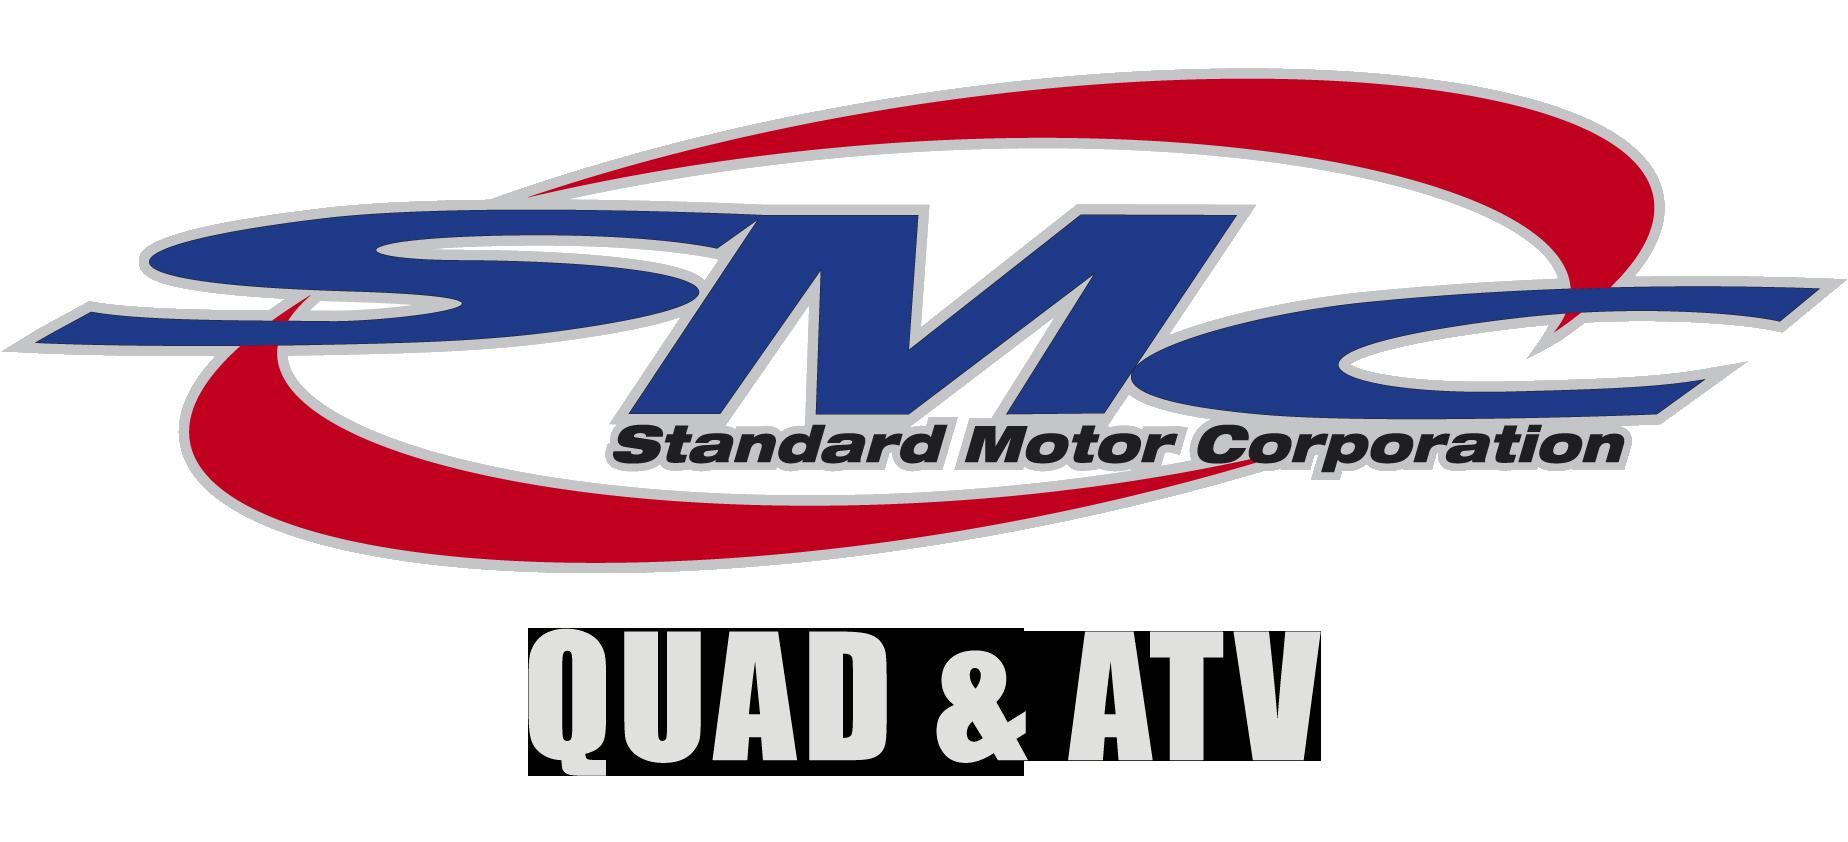 Logo_SMC_QuadATV_RGB